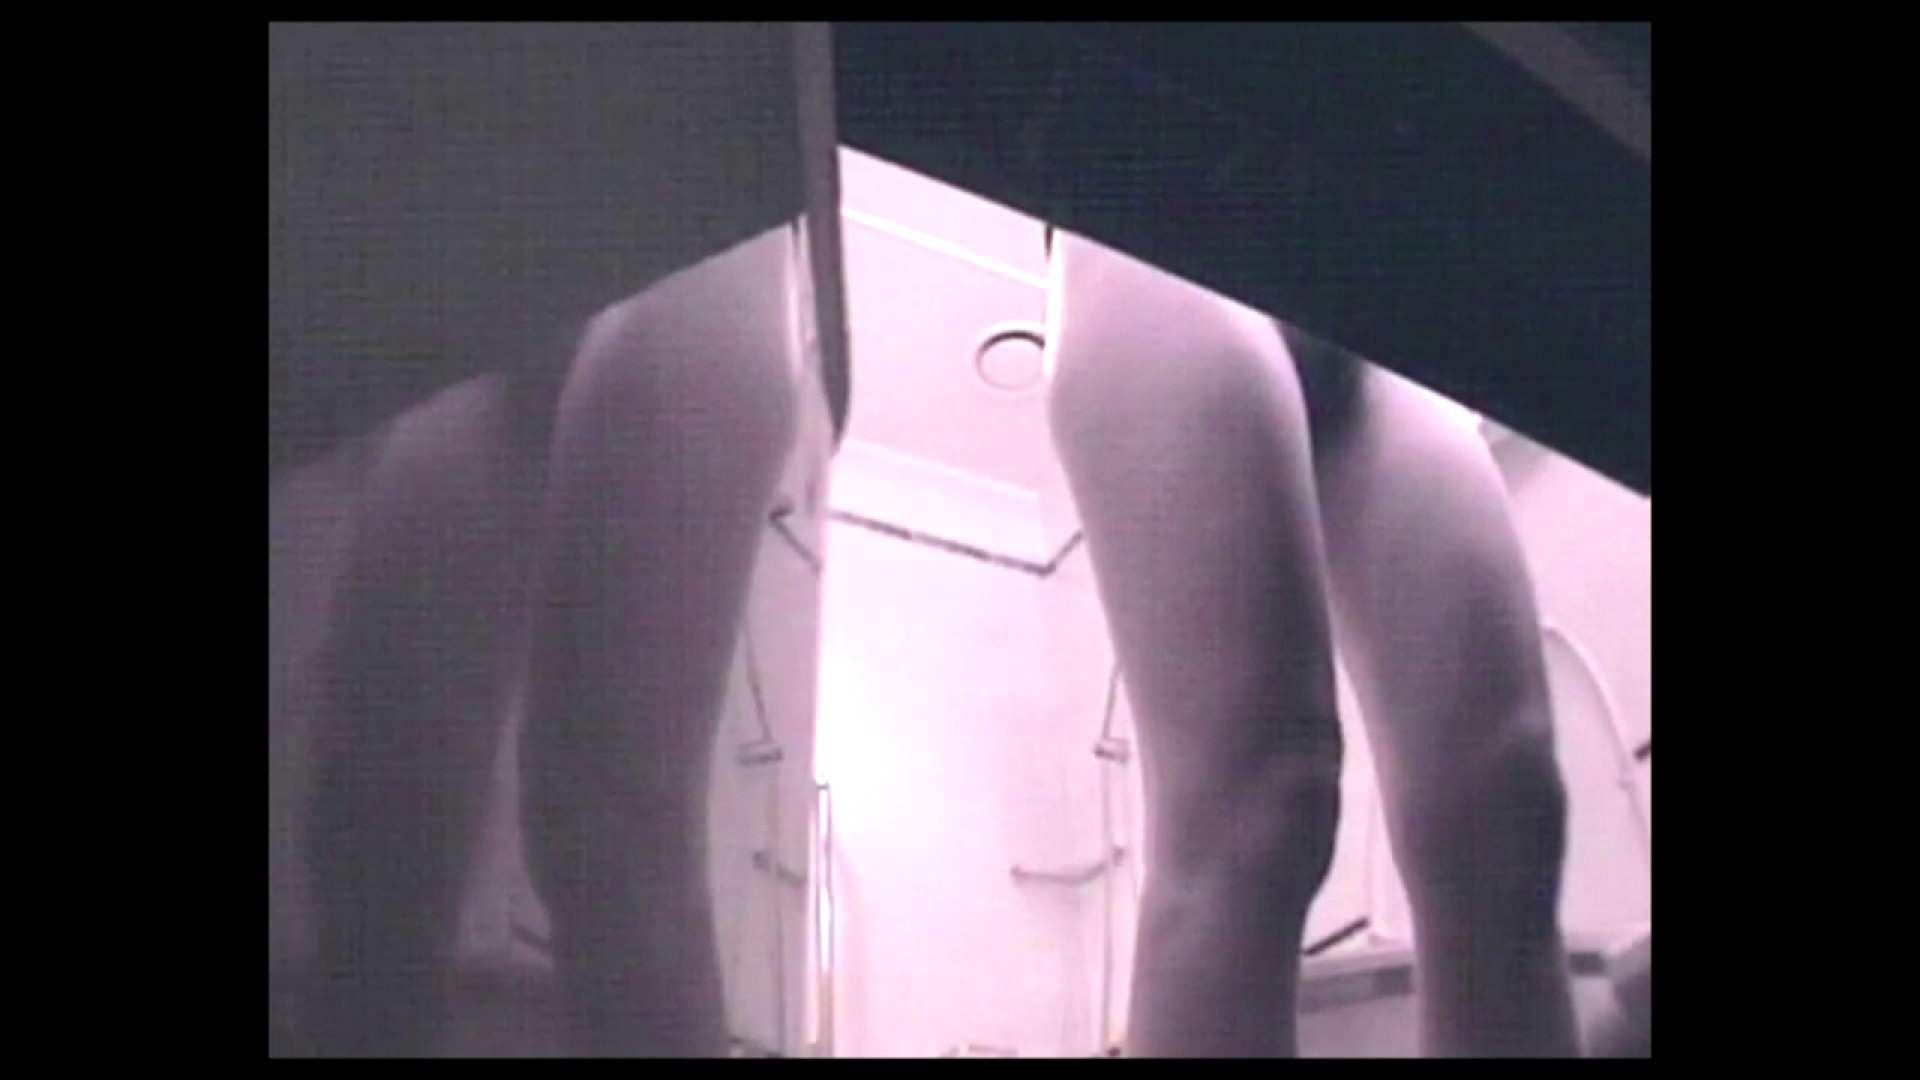 【限定】 闇の花道 Vol.19 影対某芸能関係者 期間限定動画 えろ無修正画像 108枚 27